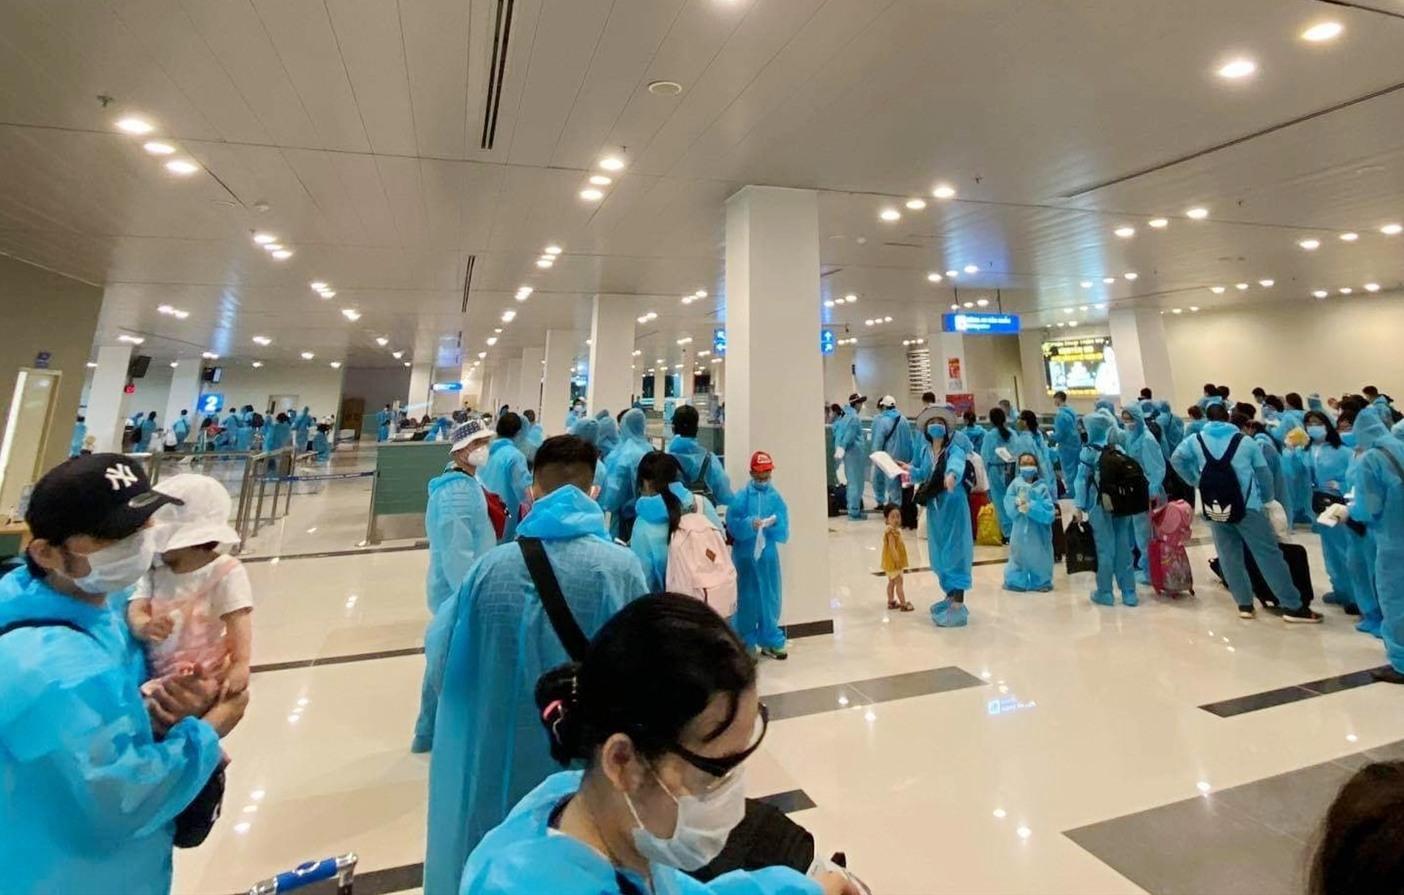 Một chuyến bay nhân đạo chở công dân Việt Nam về nước được tổ chức gần đây. (Nguồn: BaoNga.com)